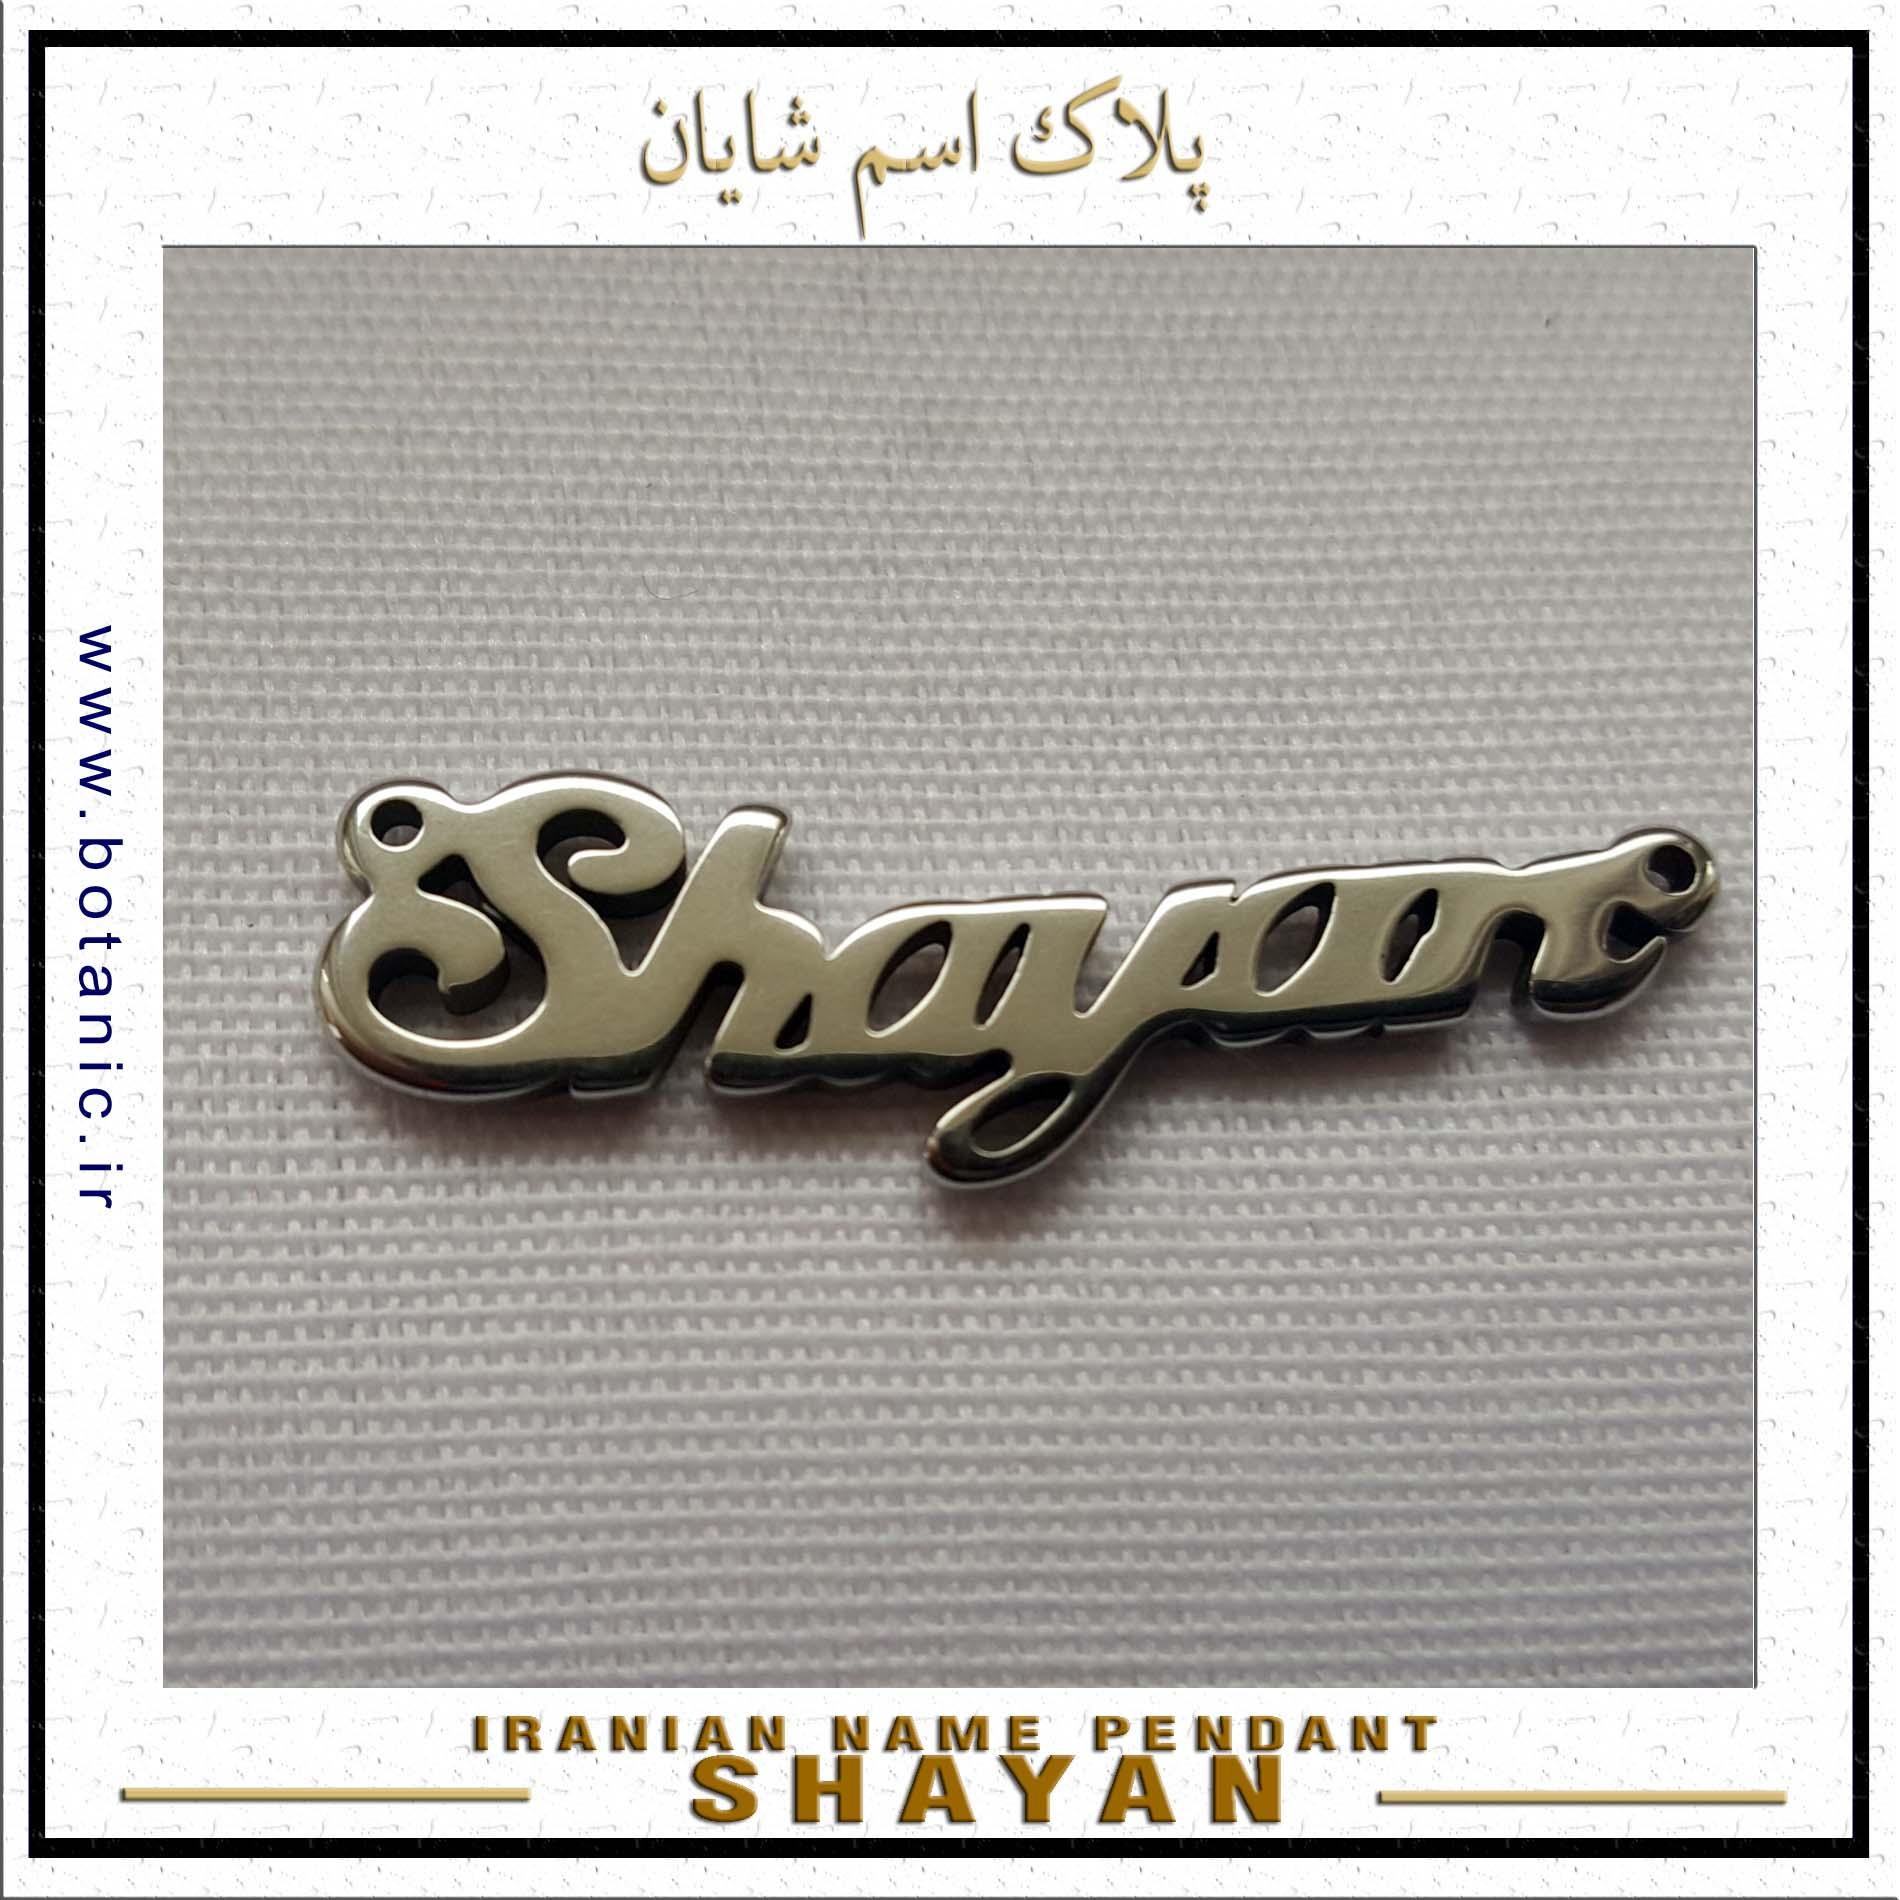 Iranian Name Pendant Shayan